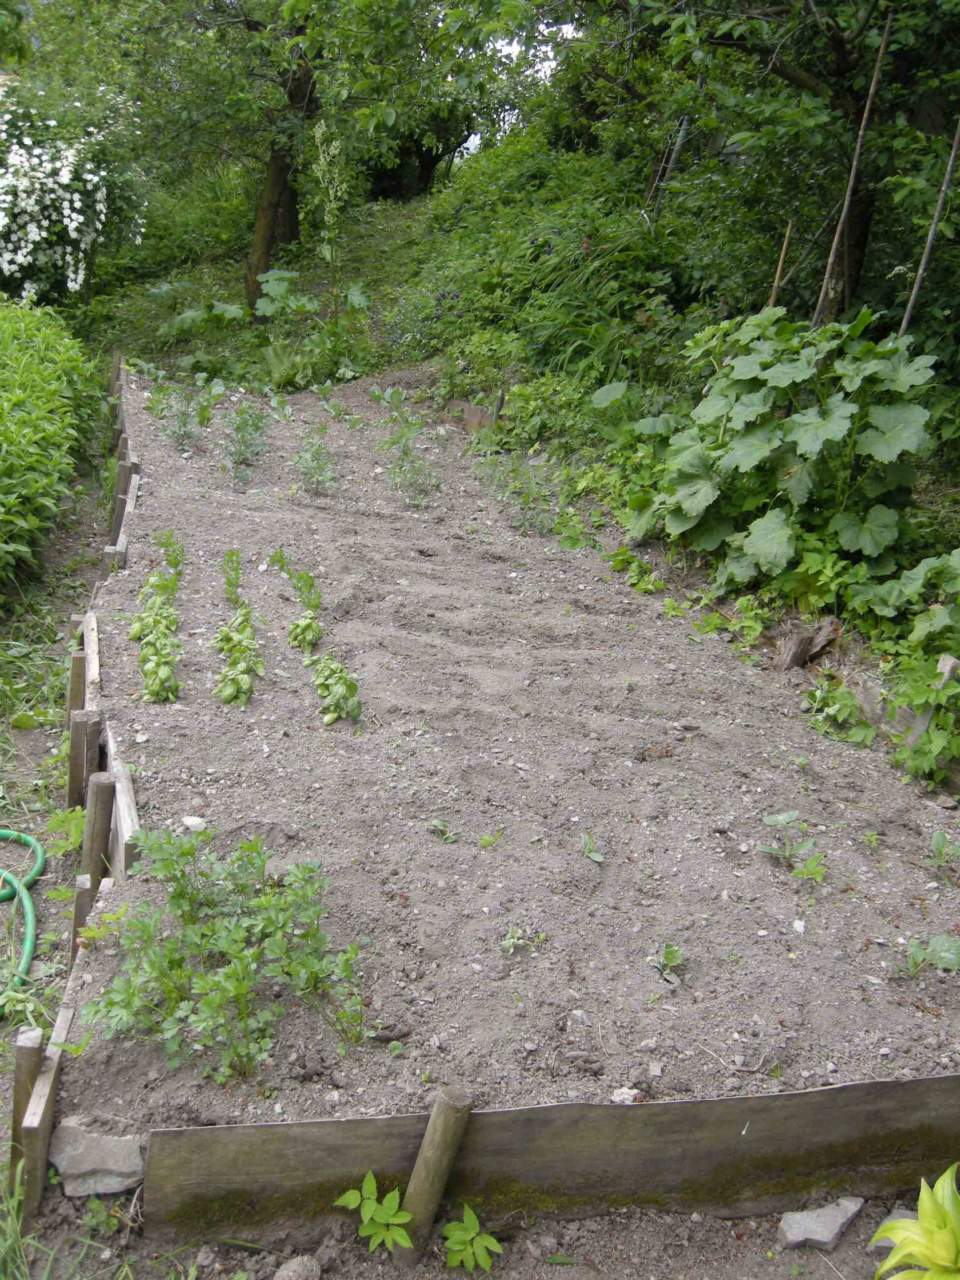 Fiori Da Piantare Nell Orto in giardino e nell'orto: come seminare - passione in verde